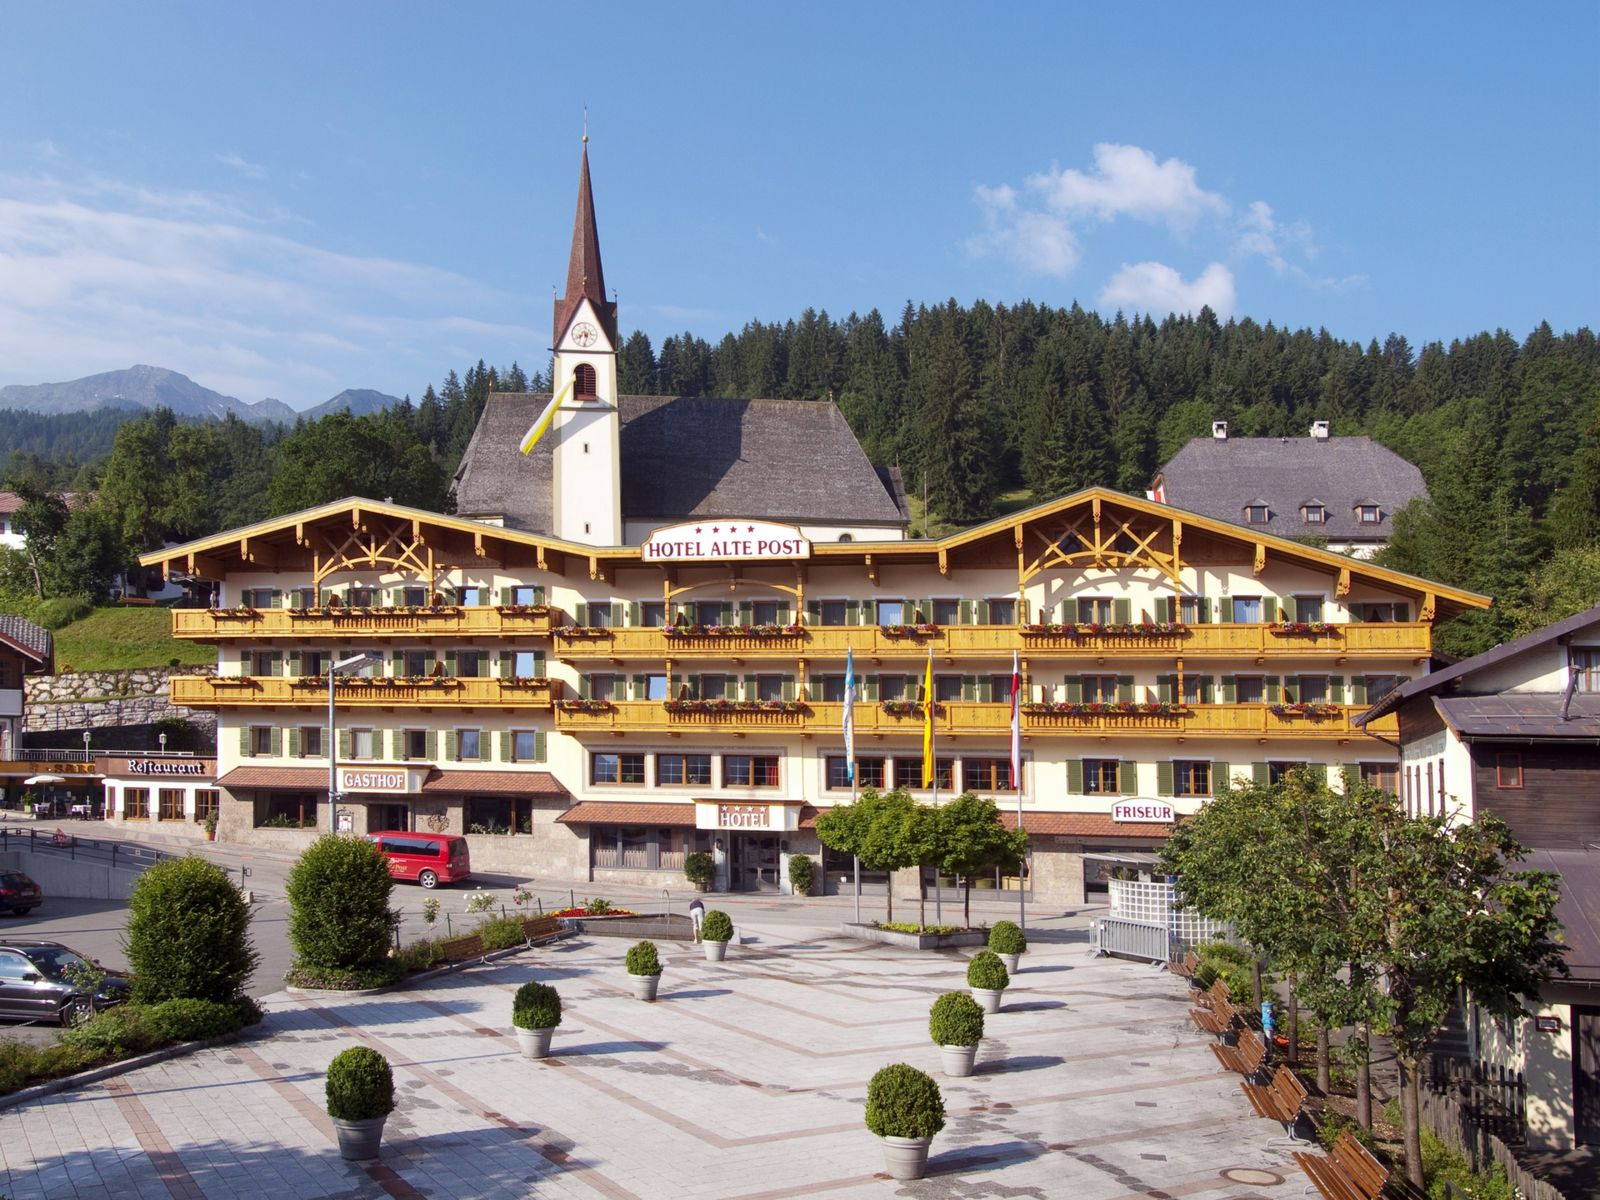 Fieberbrunn Tirol Hotel Alte Post